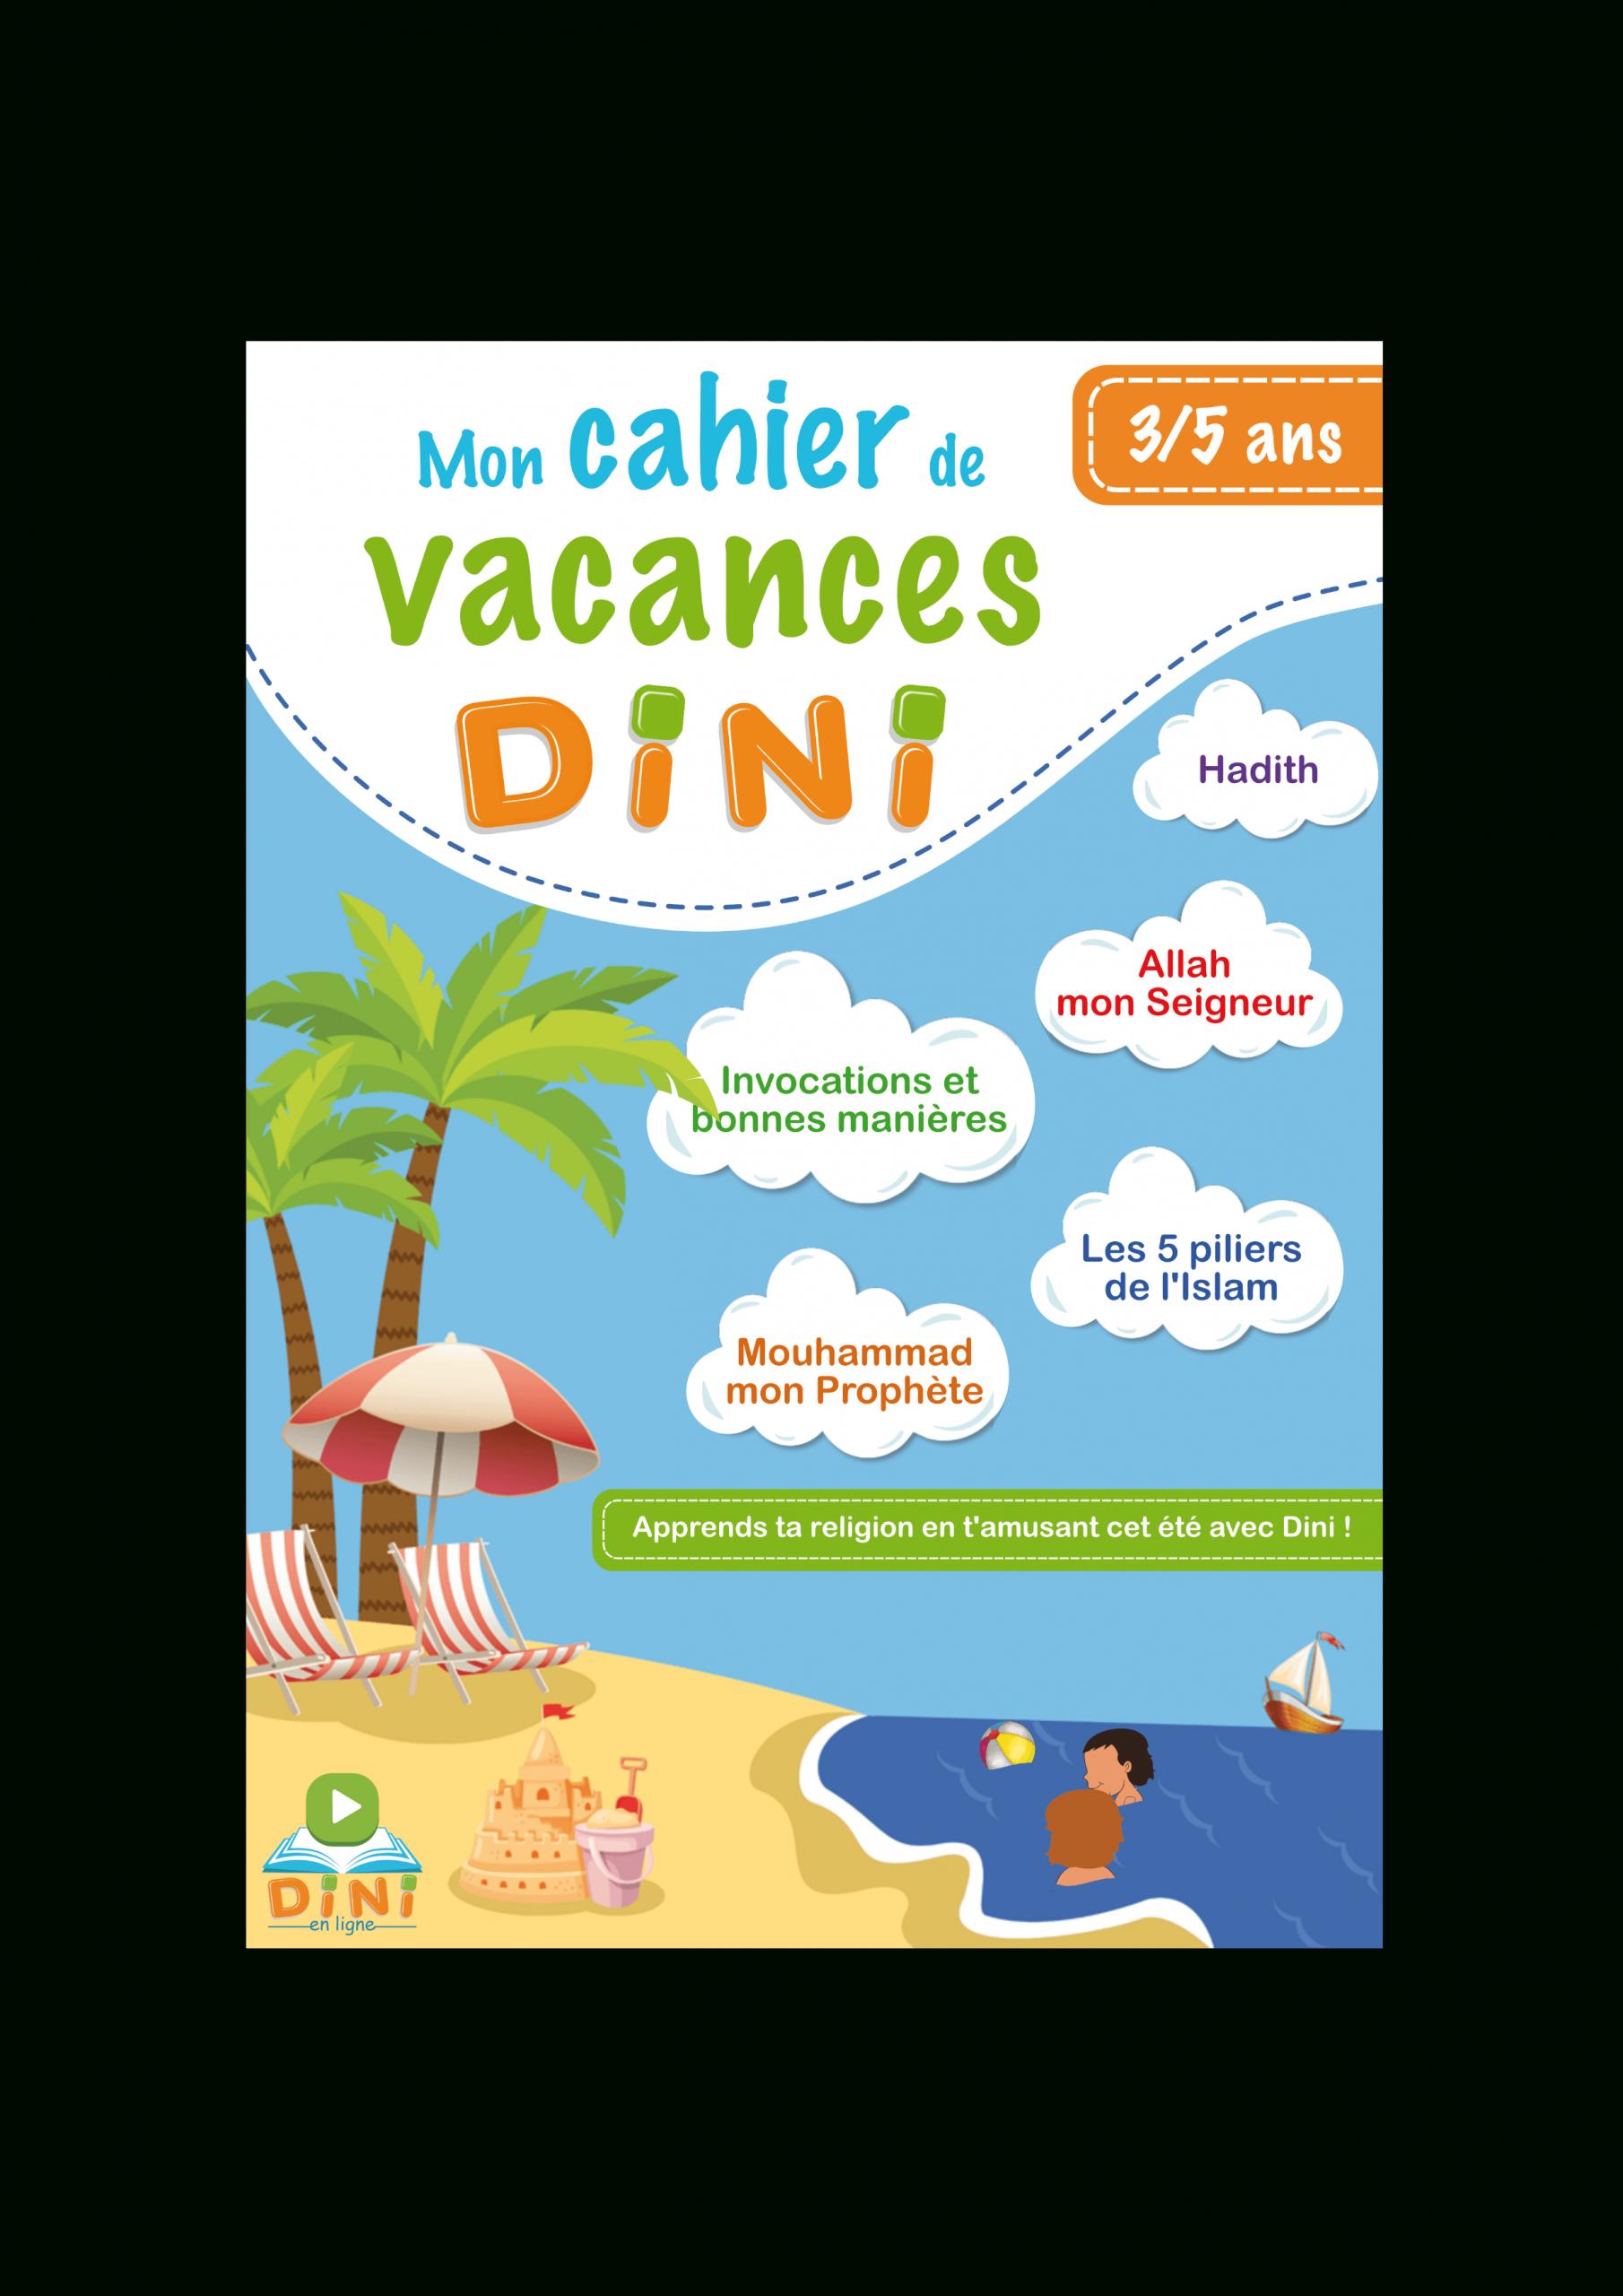 Cahier De Vacances 45 Ans Free Epub | Android Developer encequiconcerne Cahier De Vacances Maternelle Gratuit A Imprimer